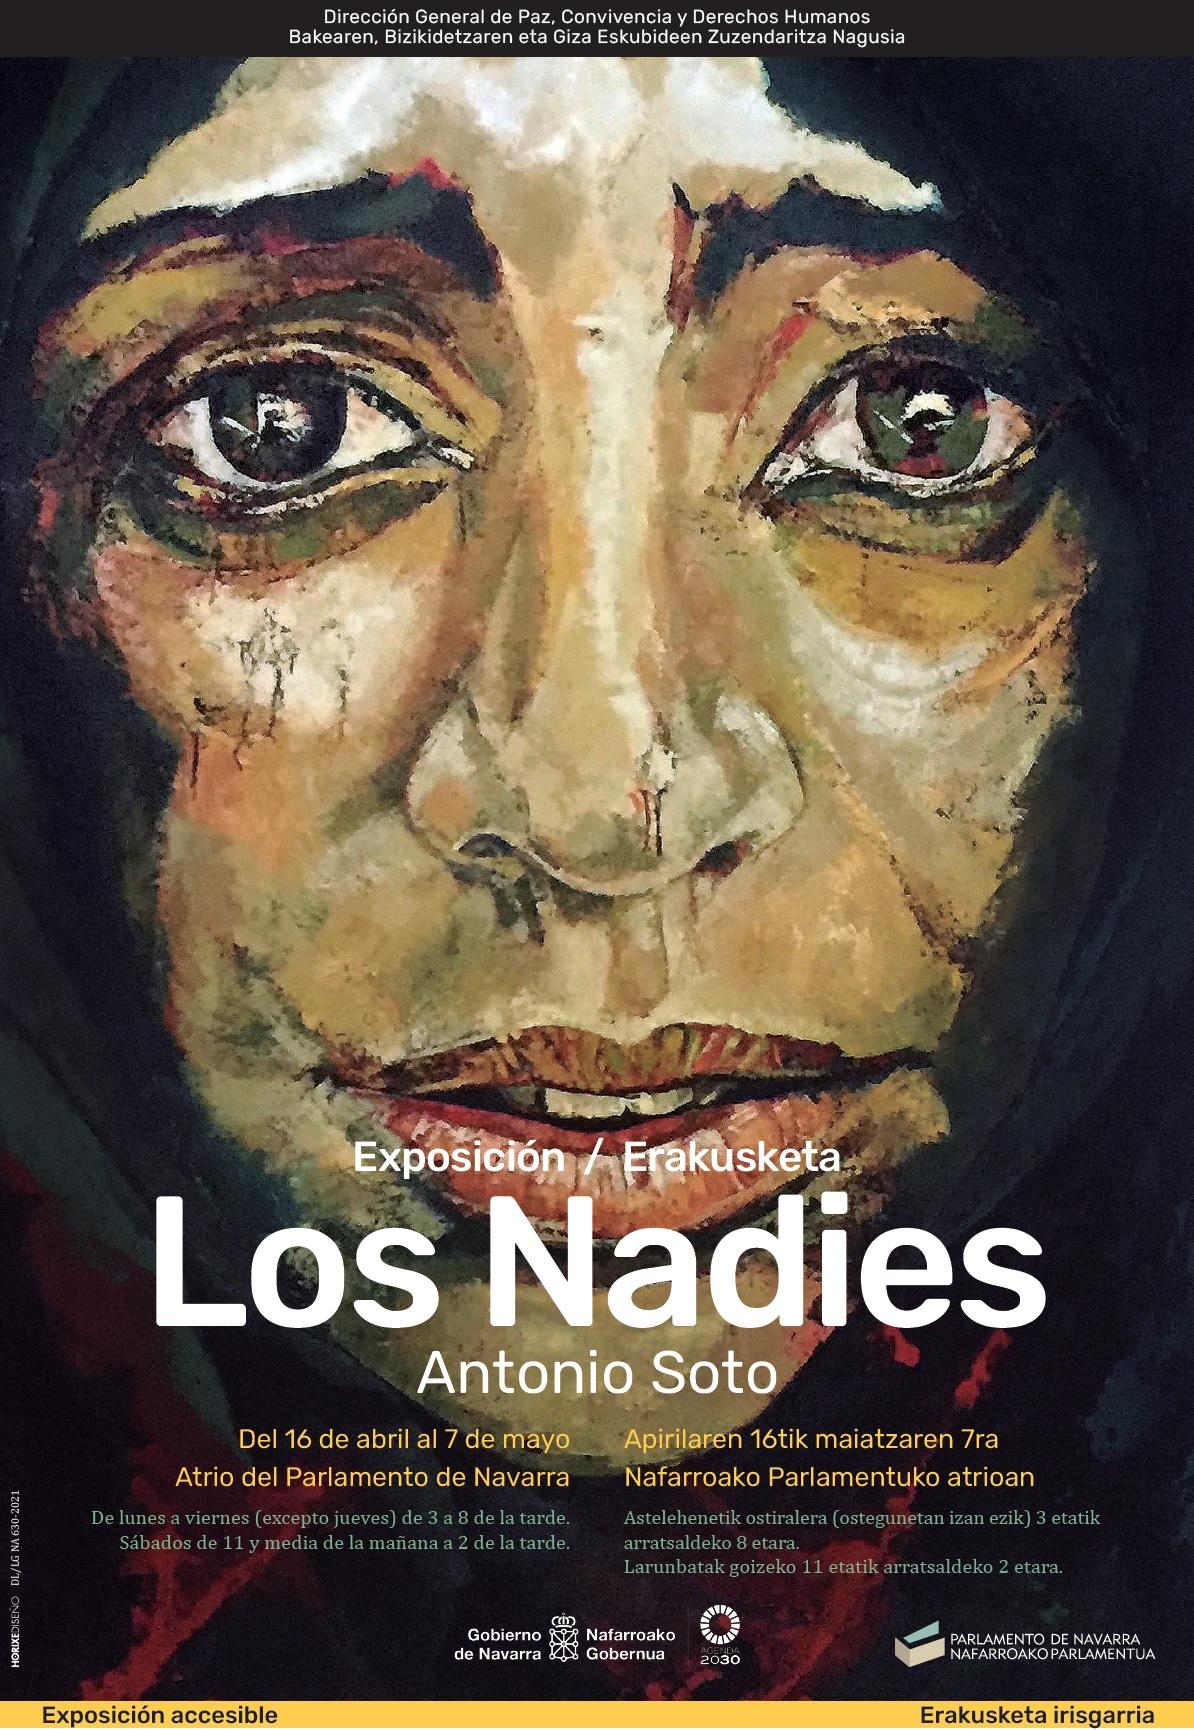 Imagen del cartel de la exposición